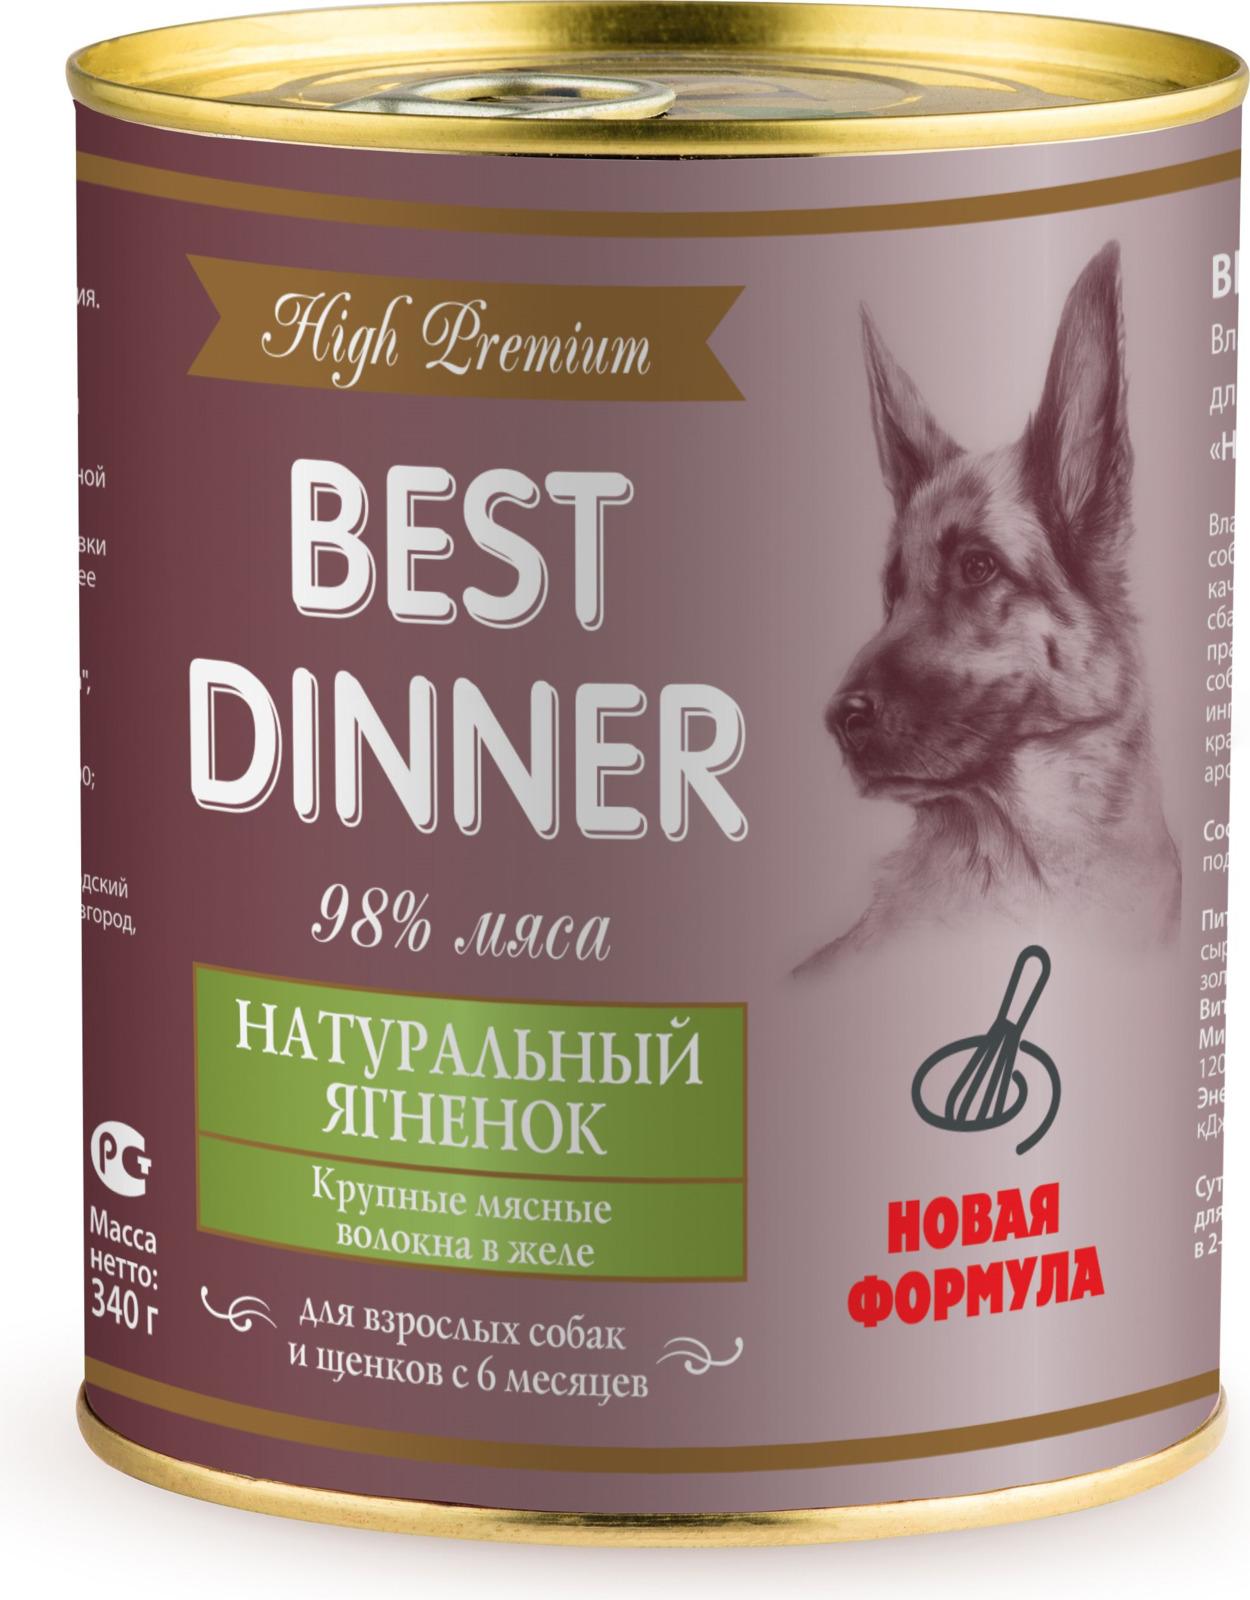 Корм консервированный для собак Best Dinner High Premium, натуральный ягненок, 340 г